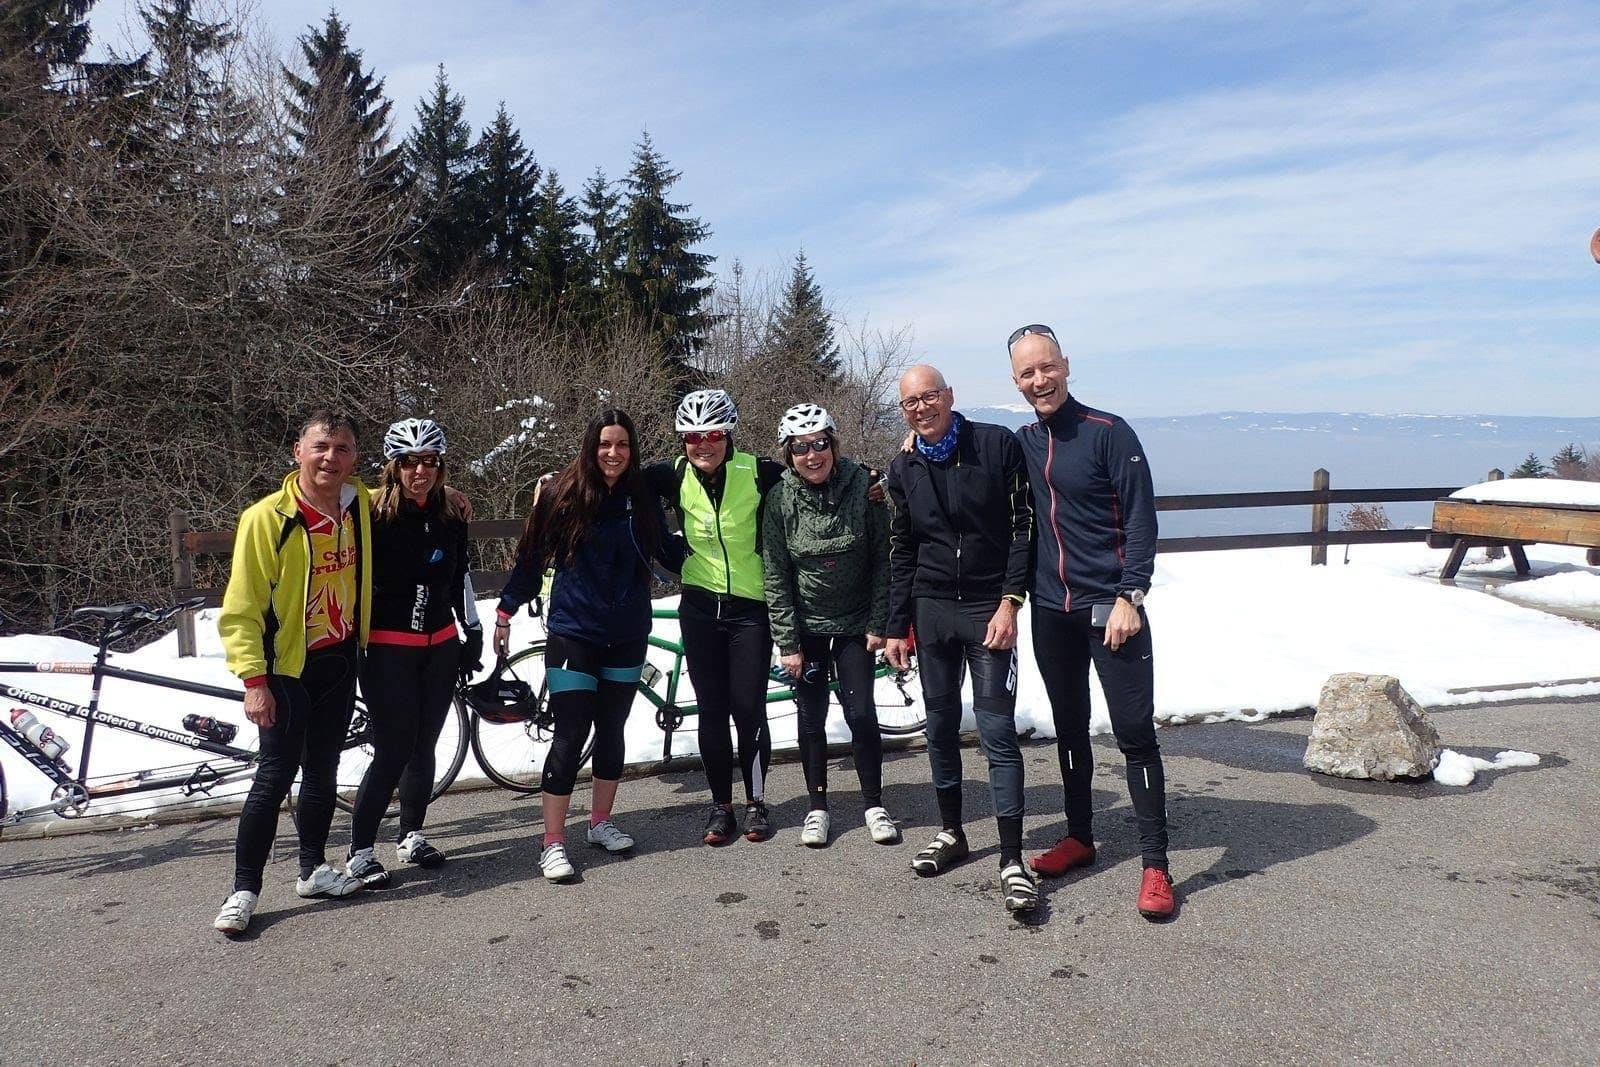 le groupe pose au Sommet du Col de Saxel